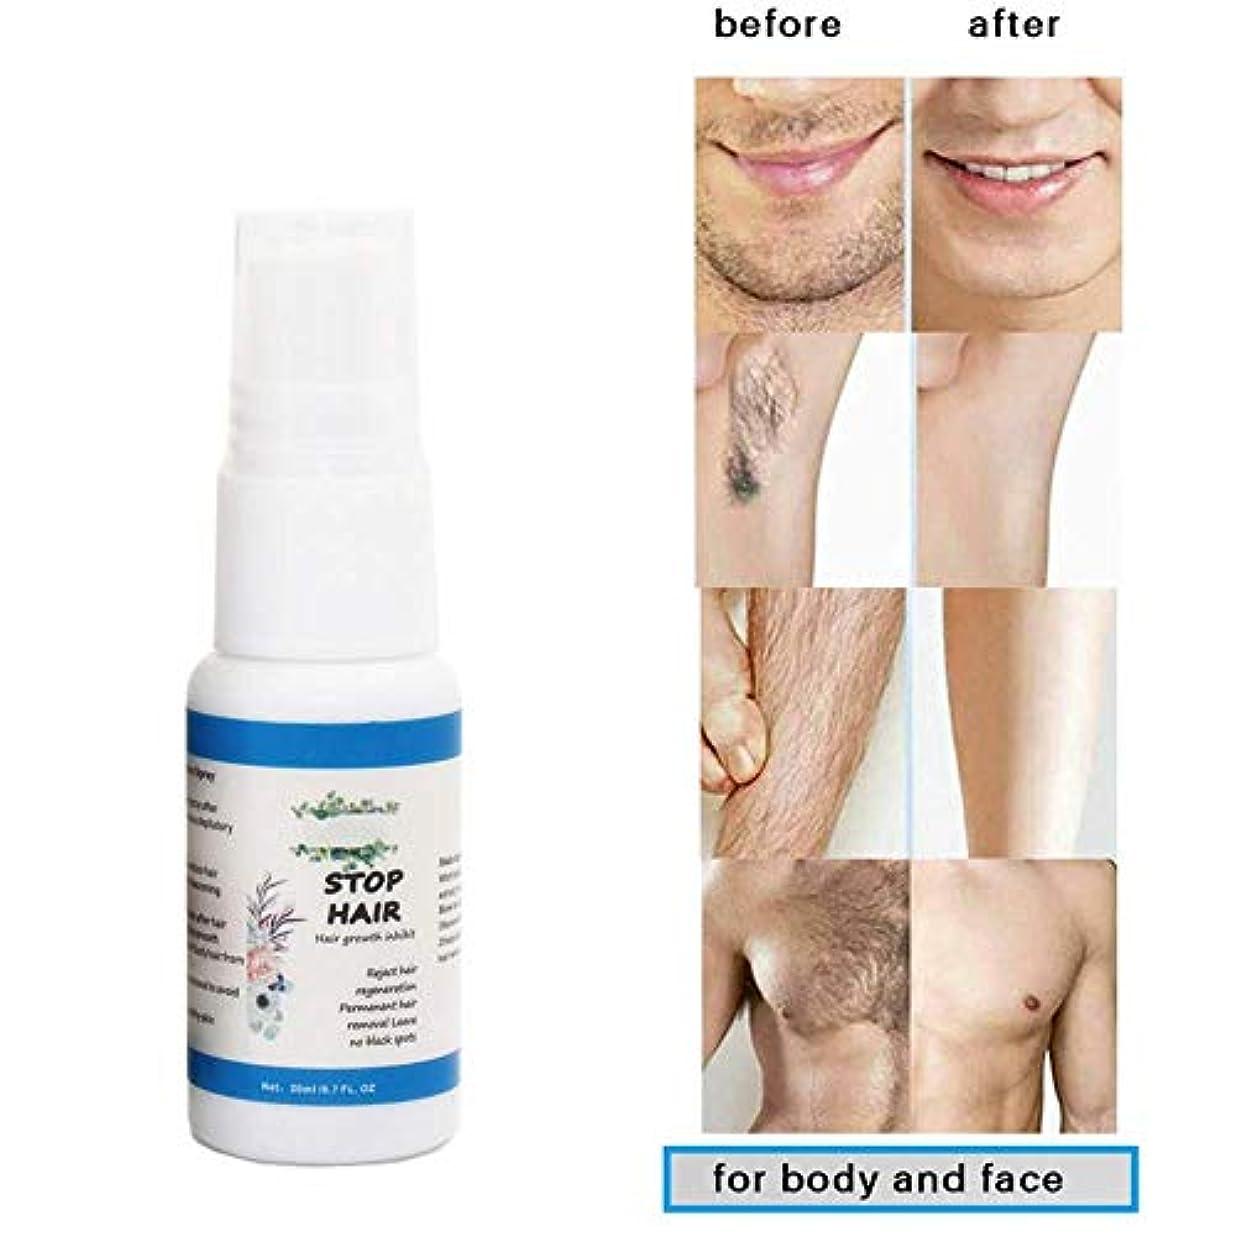 矢じり余韻出口脱毛スプレー阻害剤発毛血清発毛除去を防ぎます修理脱毛剤製品ナチュラル非刺激栄養毛穴シュリンク20ml